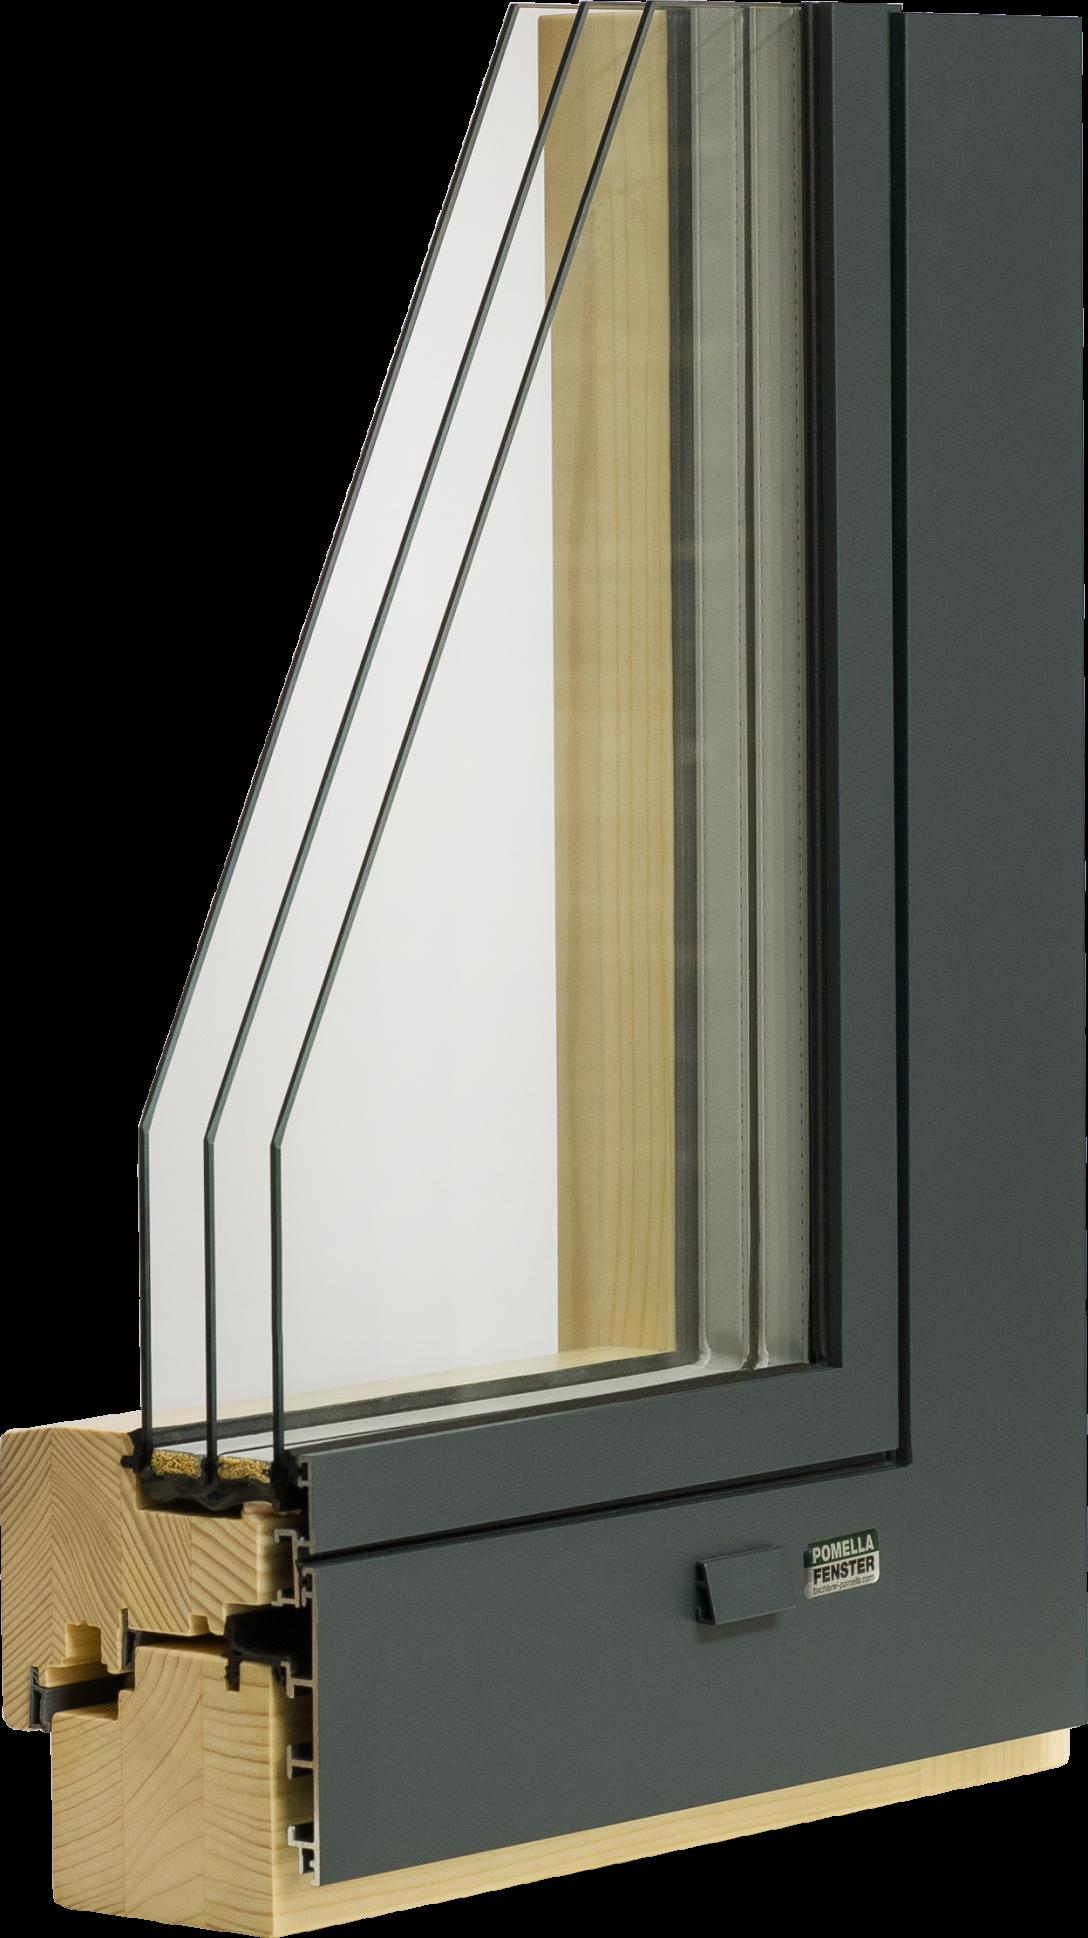 Large Size of Fenster 3 Fach Verglasung Verglast Kosten Kaufen Preise Online Kunststoff Preis Nachteile Holz Alu Mit Auen Flchenbndig Flachdach Dachschräge Folie Für Fenster Fenster 3 Fach Verglasung